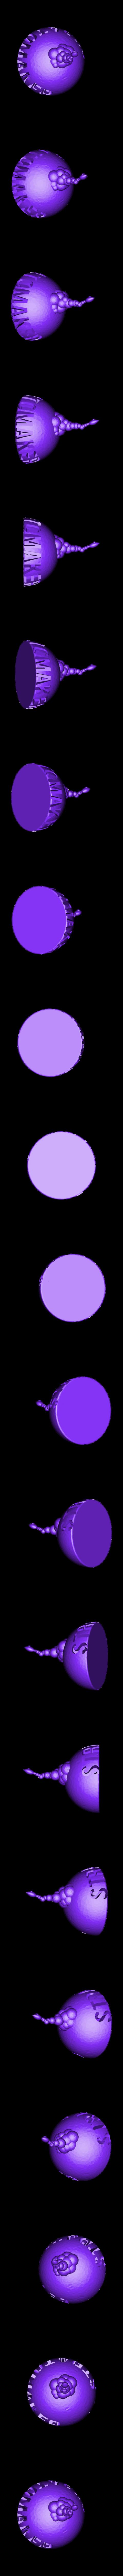 E074bcf8 8d1b 435f 891d a4a1f887e516